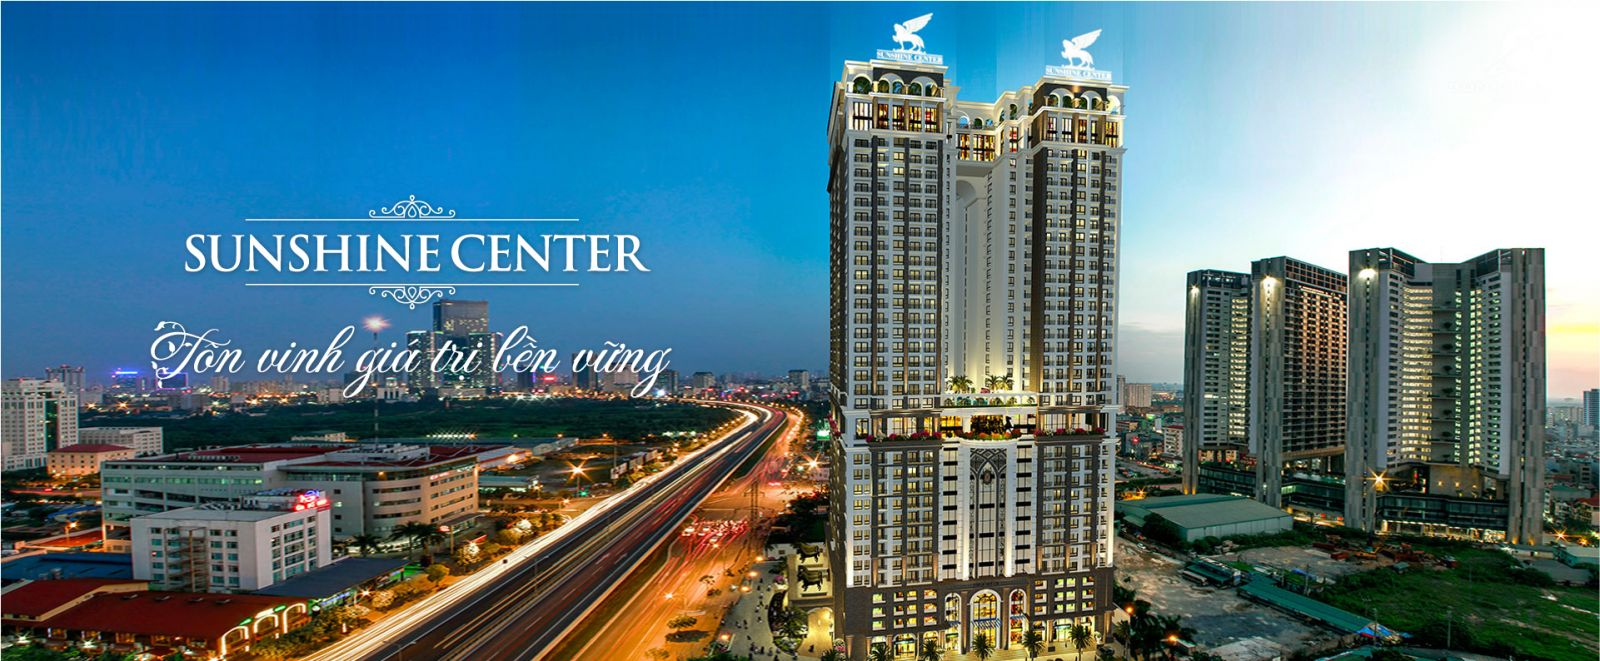 Bất động sản khu vực phía Tây Hà Nội tiếp tục dẫn dắt thị trường